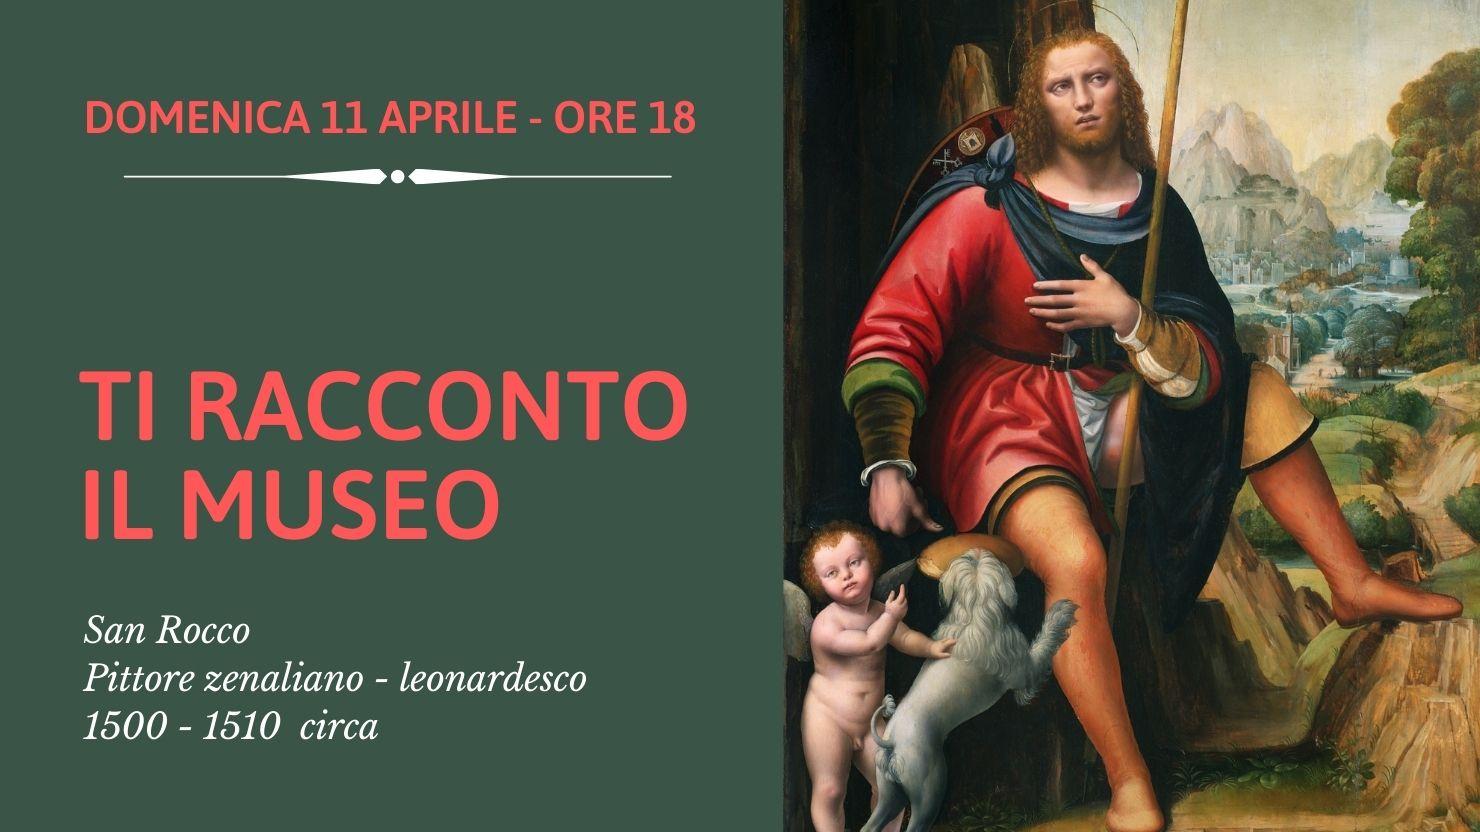 Ti racconto il museo, parte domenica 11 aprile una nuova rassegna digitale firmata Museo Civico di Crema